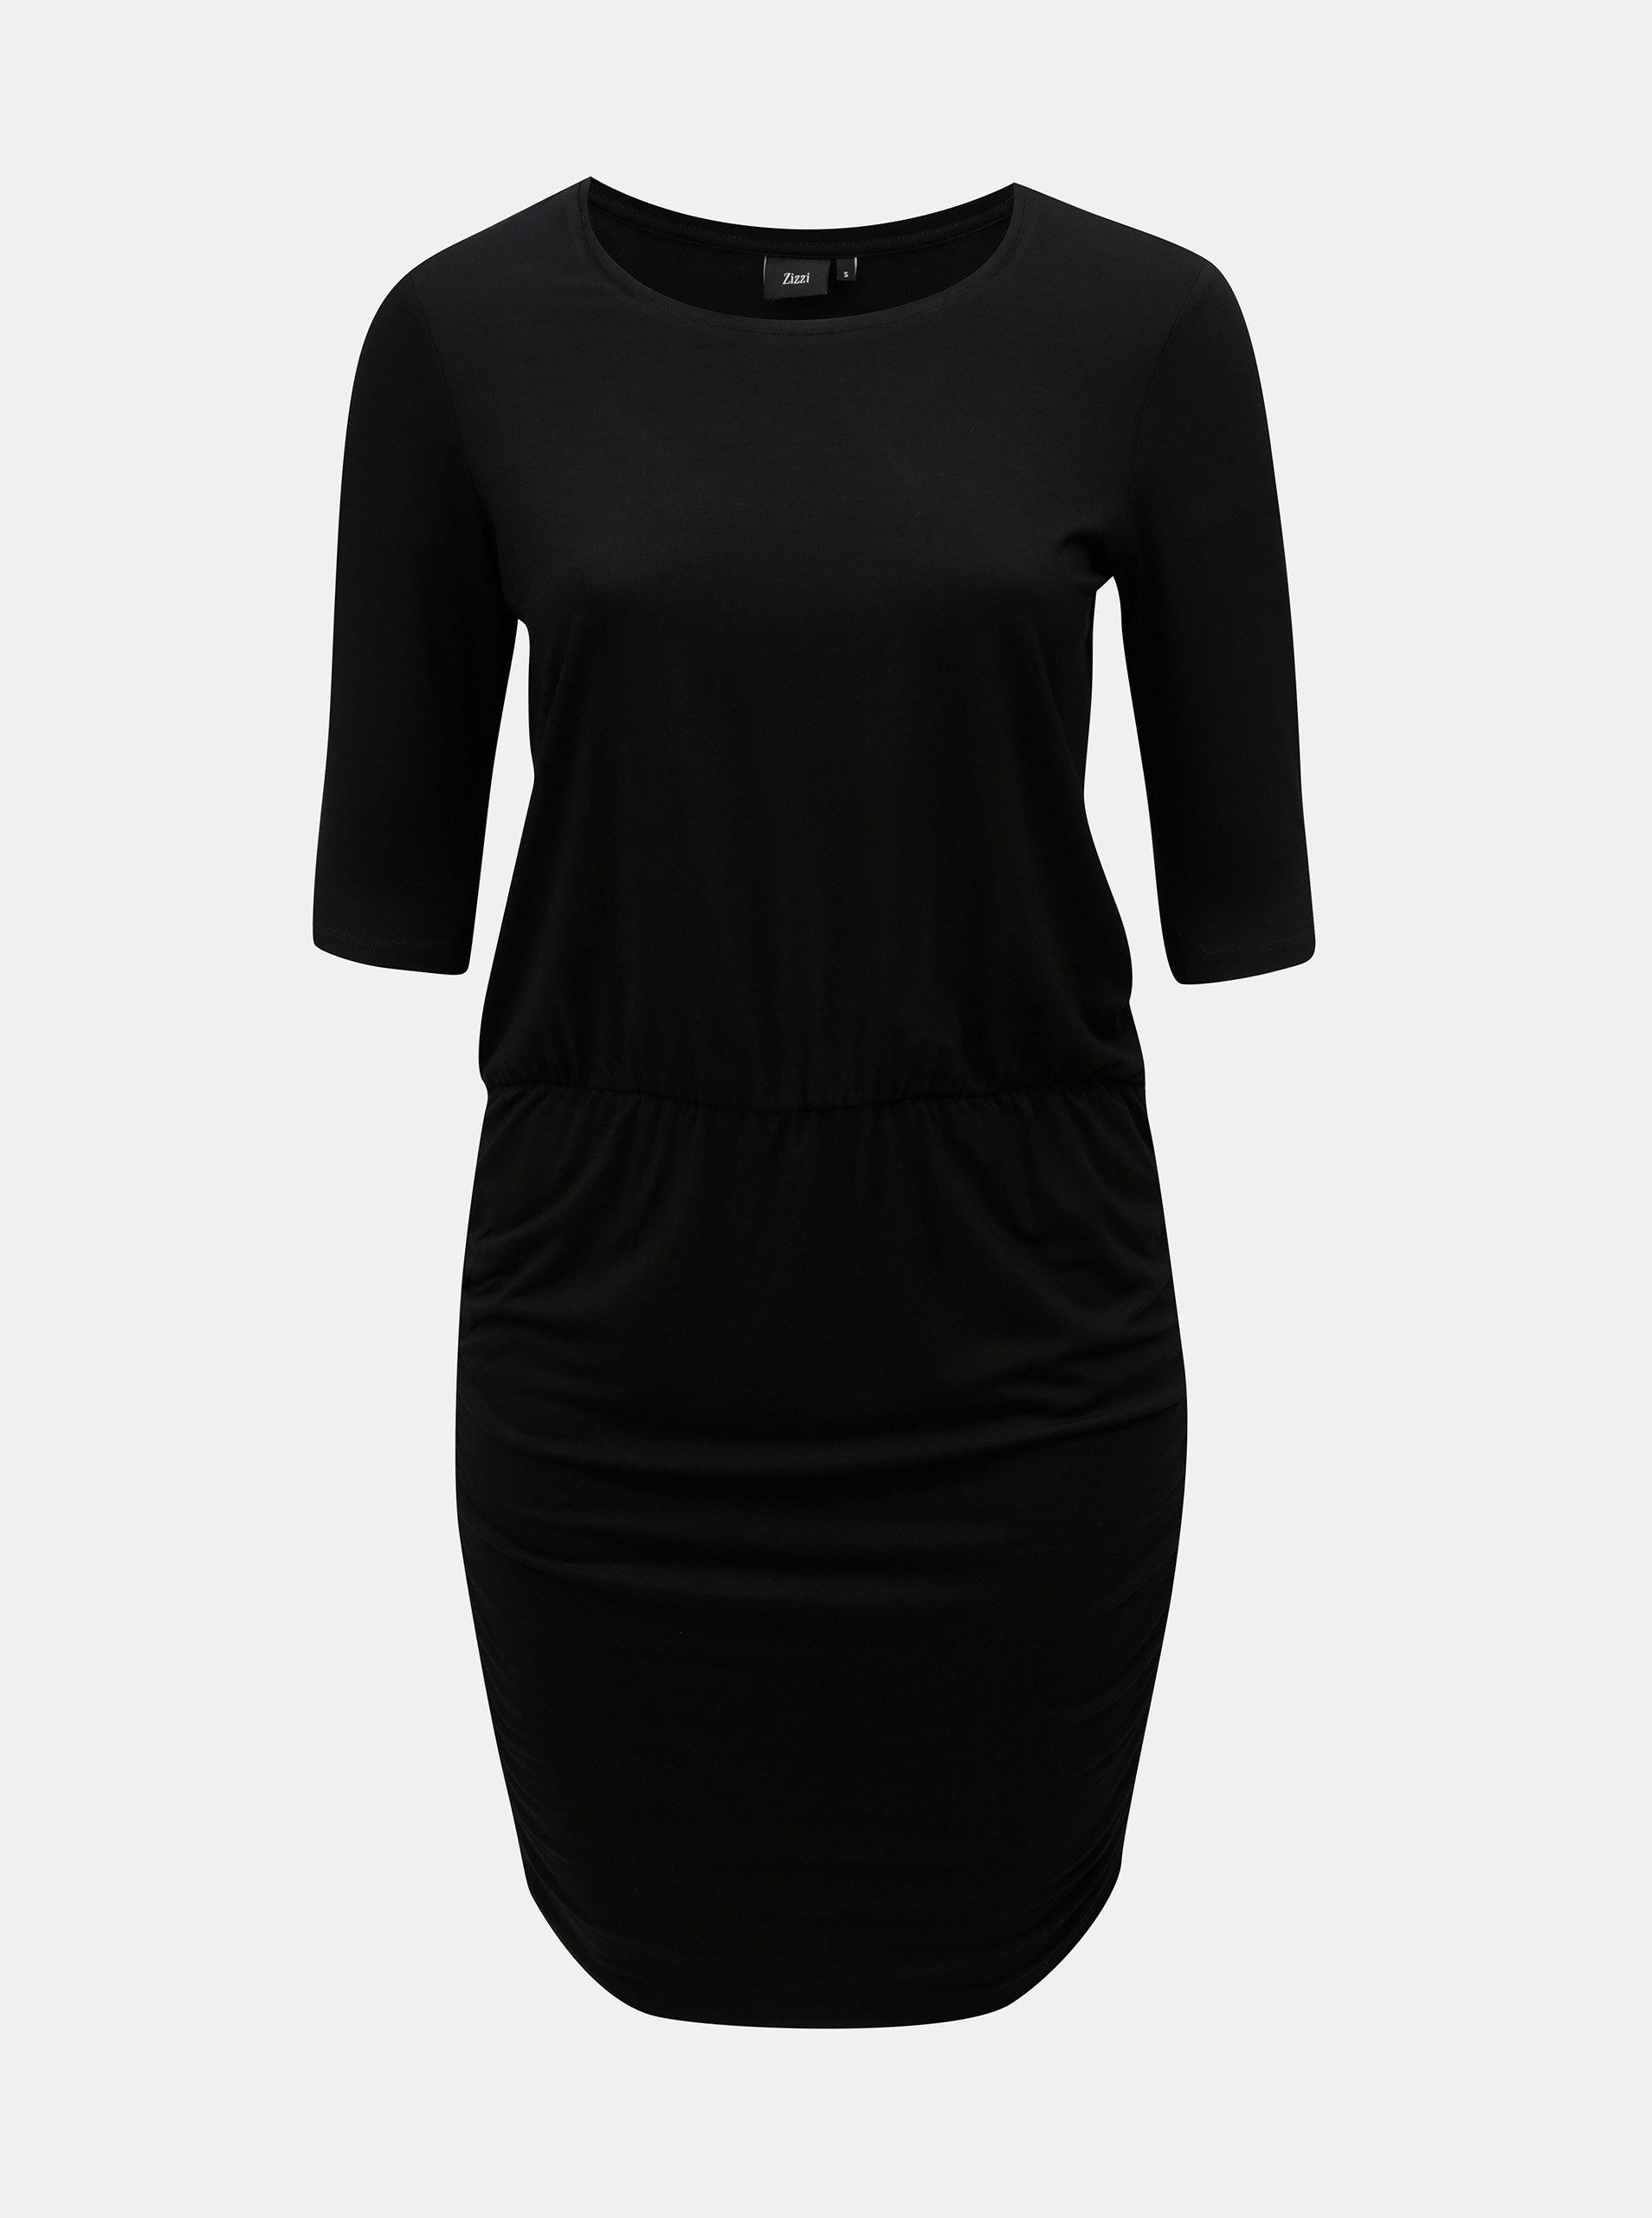 Černé pouzdrové šaty s krátkým rukávem Zizzi Ralfi d4e91d1c482